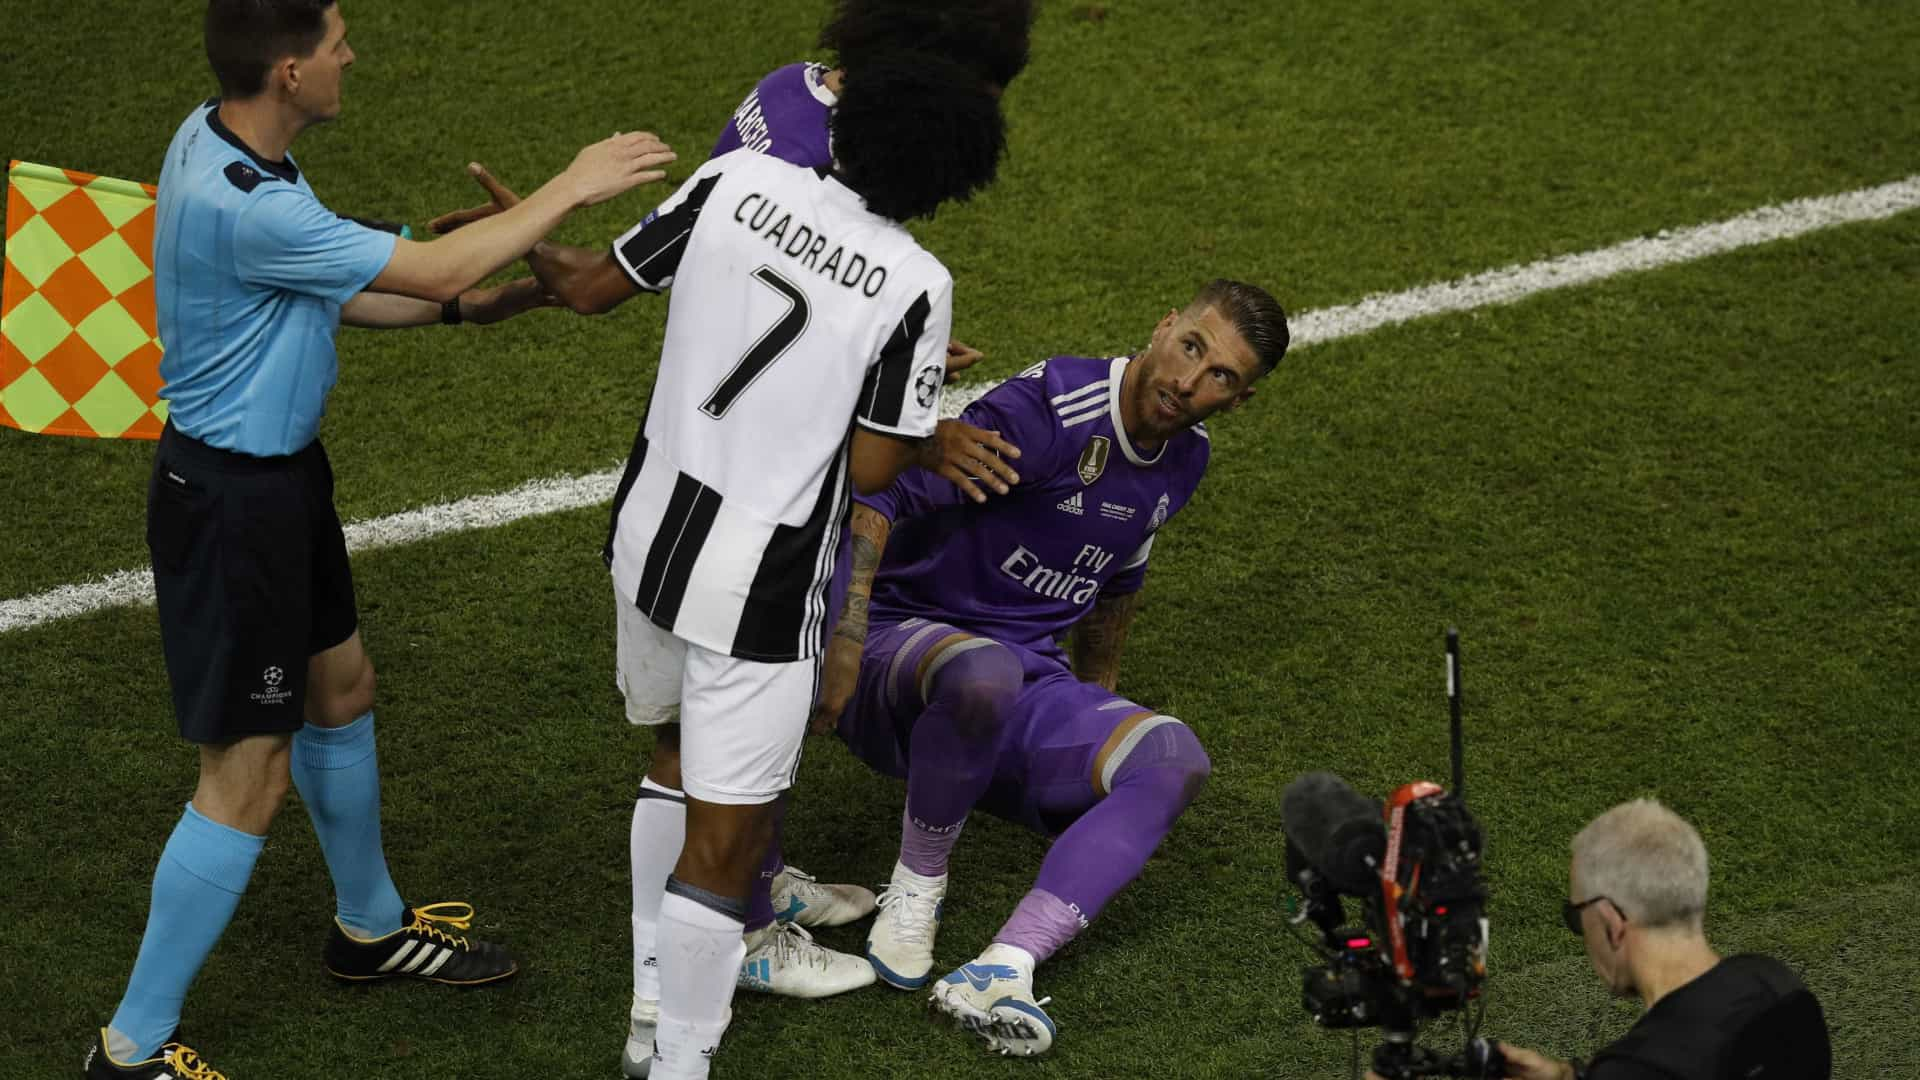 Ferdinand critica postura de Sergio Ramos em expulsão de Cuadrado